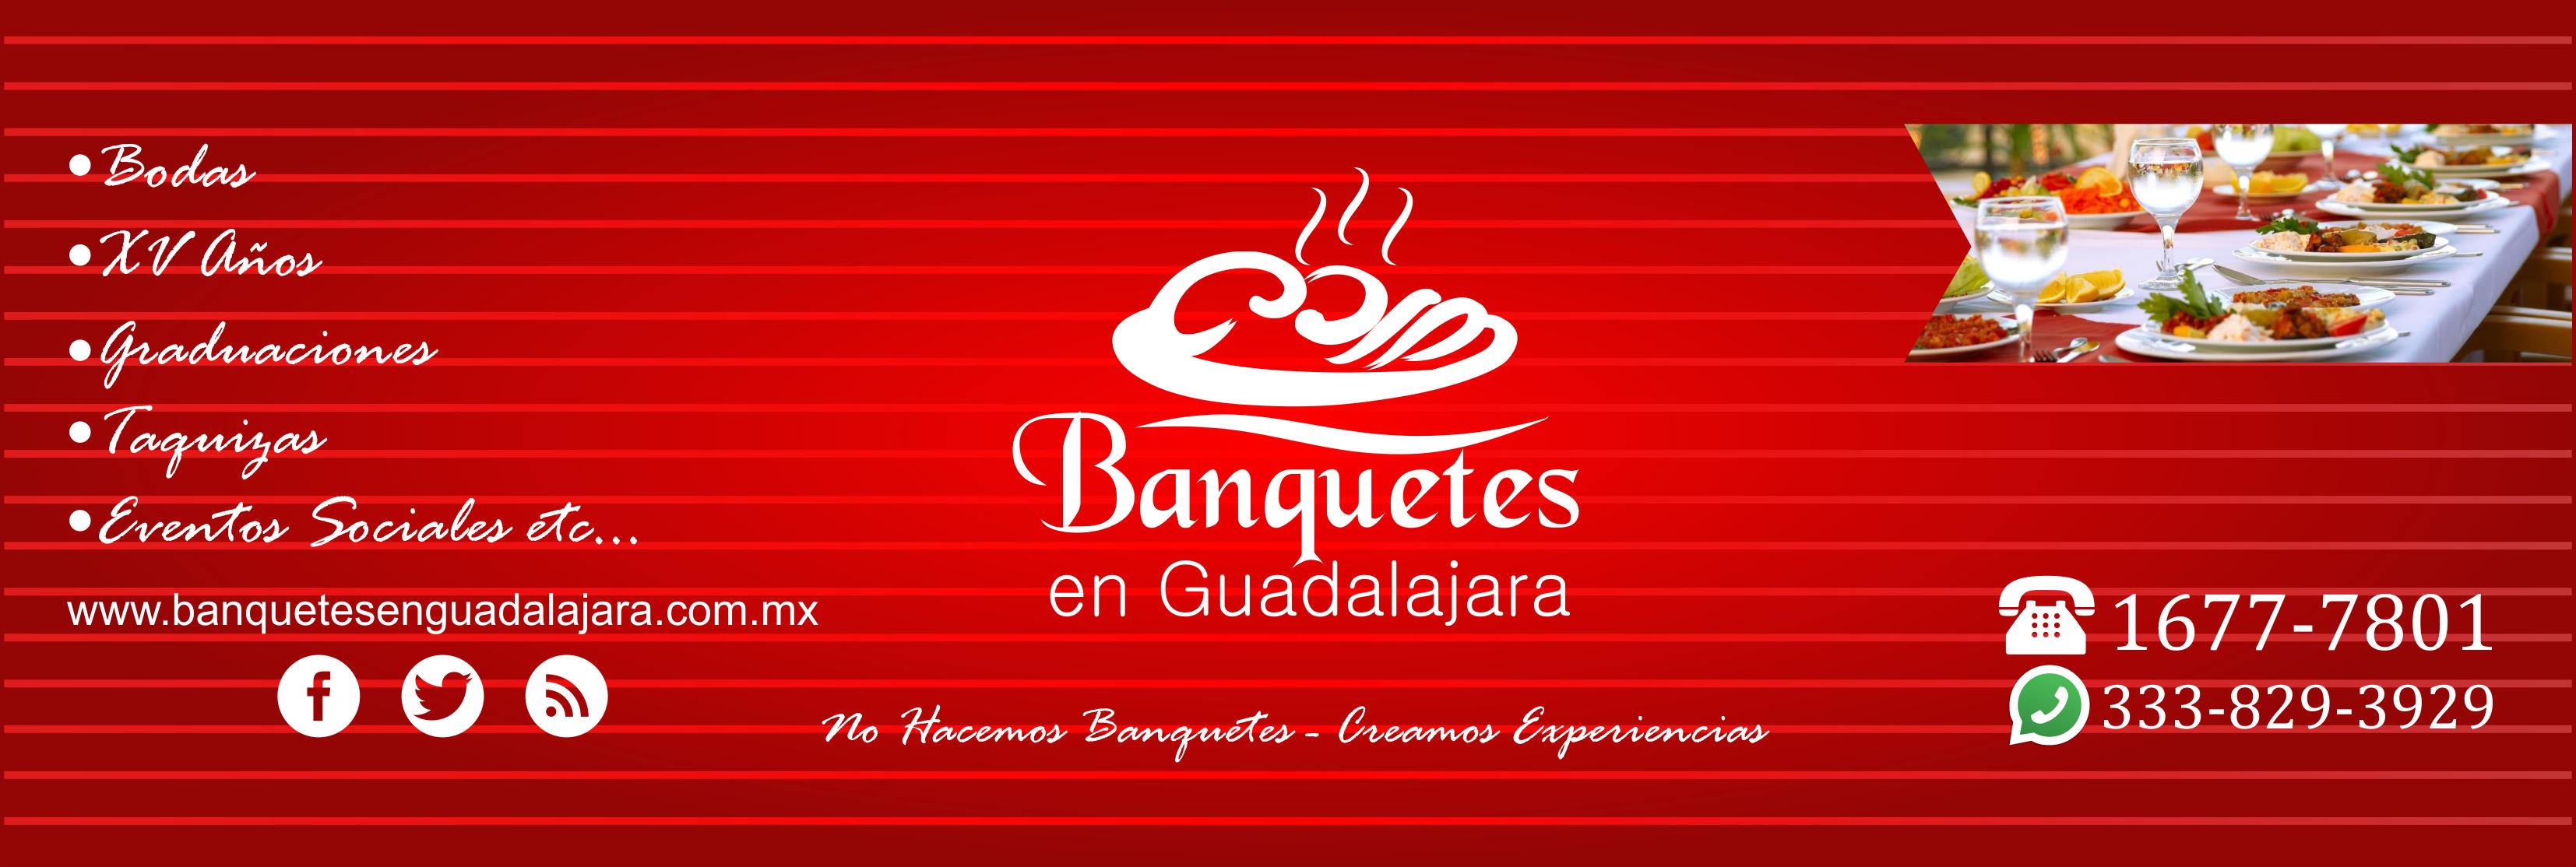 banquetes en Guadalajara